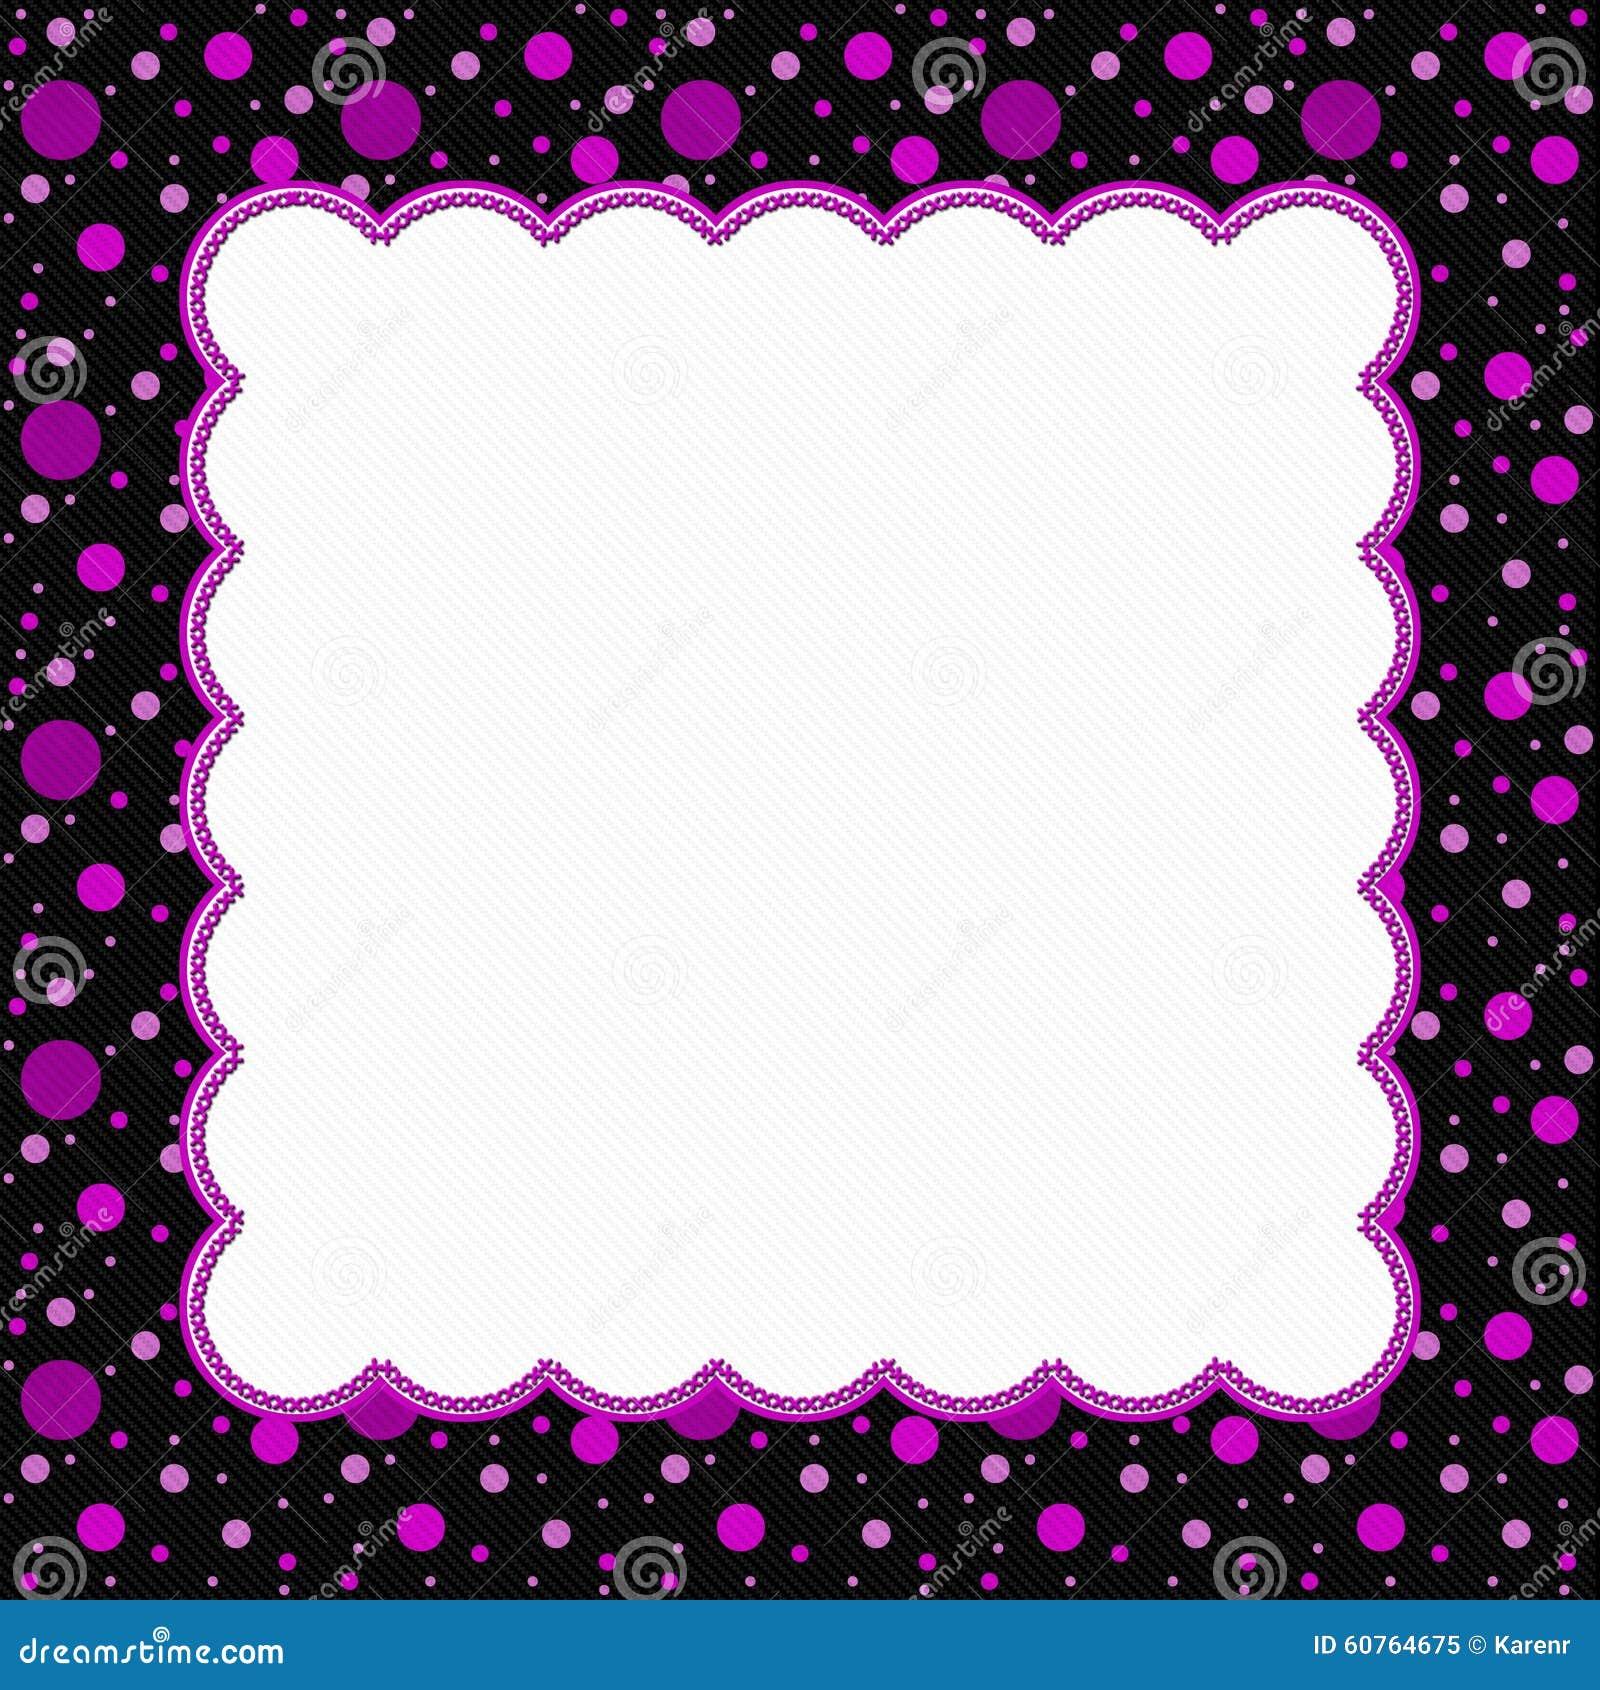 Pink And Black Polka Dot Frame Background Stock Illustration ...